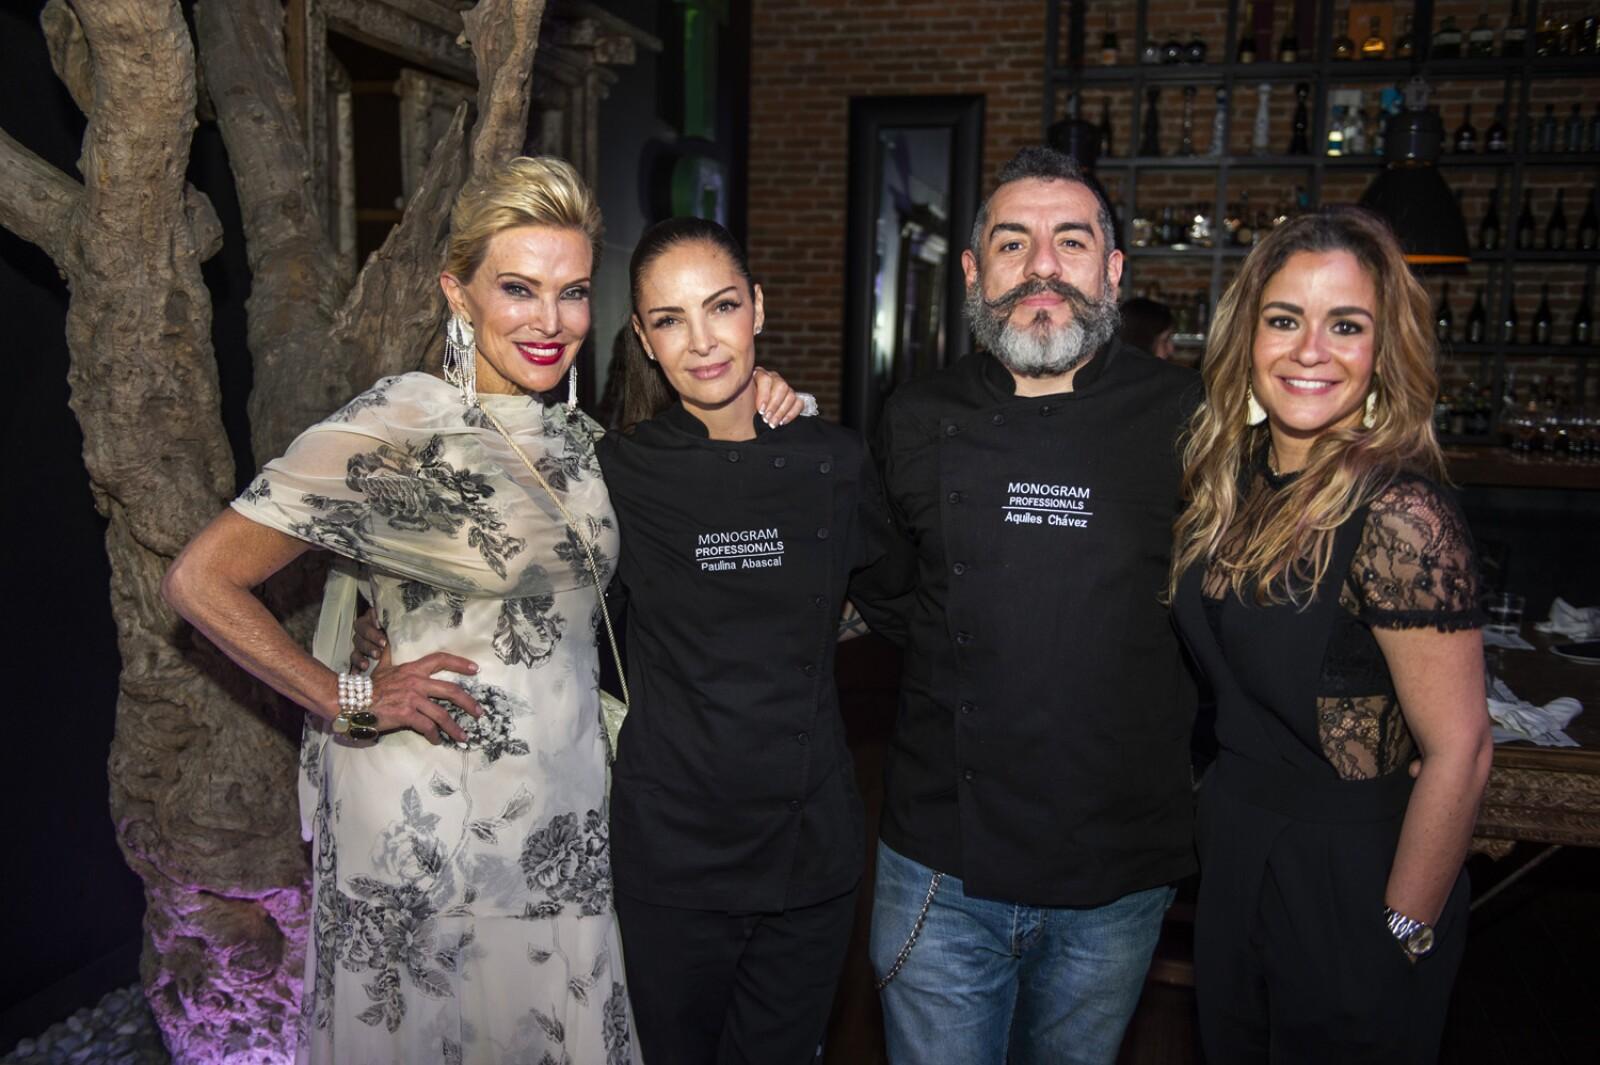 Raquel Bessudo, Paulina Abascal, Aquiles Chávez, Gabriela Pintos.jpg